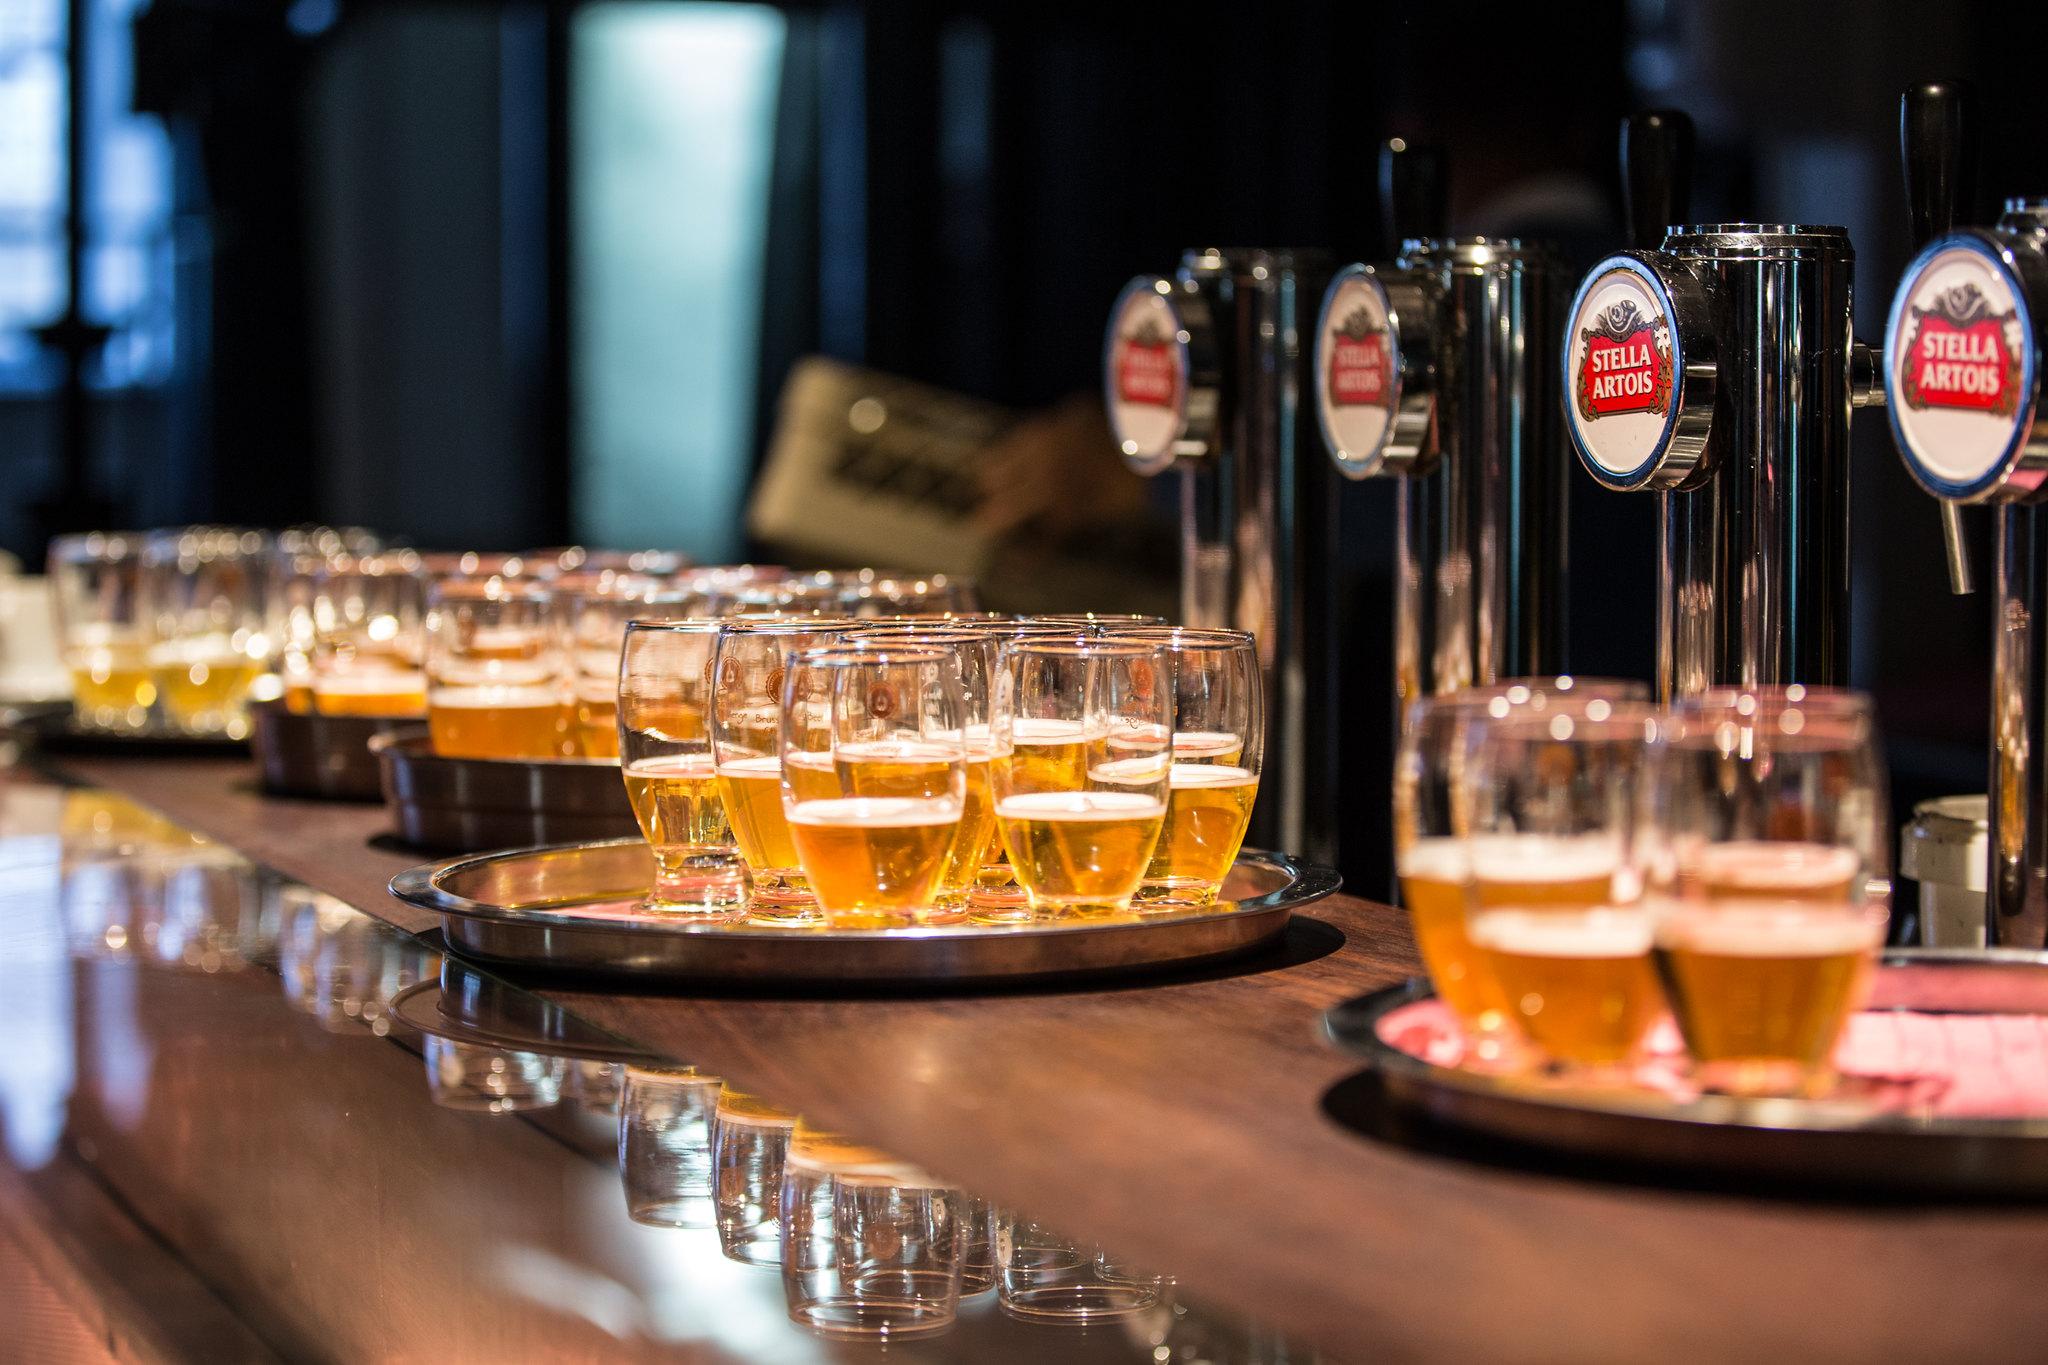 Bière Stella Artois (5,2%)